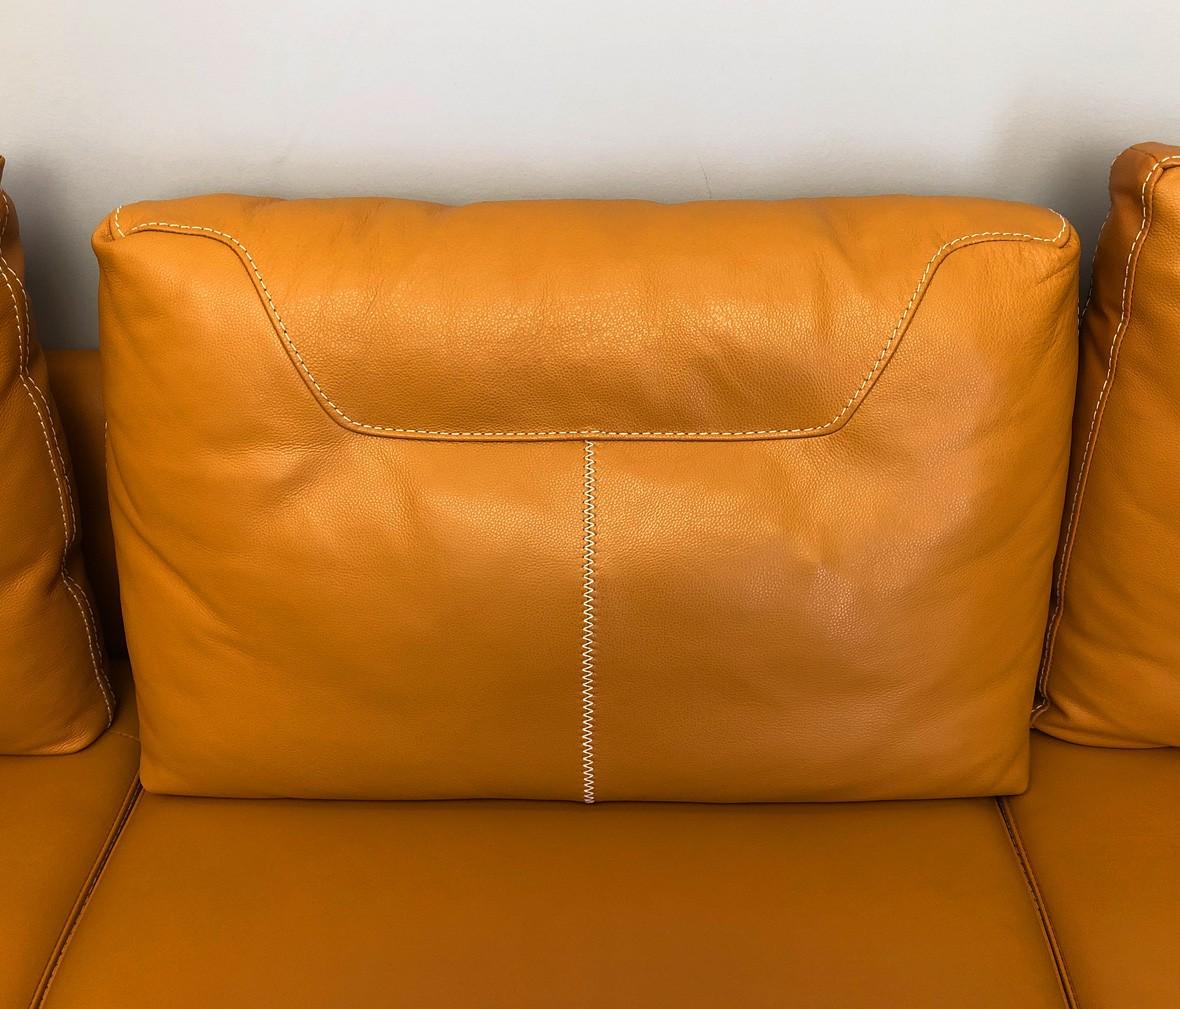 艾慕 DZ-001型号直排沙发 牛皮材质现代简约客厅家具图片、价格、品牌、评测样样齐全!【蓝景商城正品行货,蓝景丽家大钟寺家居广场提货,北京地区配送,领券更优惠,线上线下同品同价,立即购买享受更多优惠哦!】